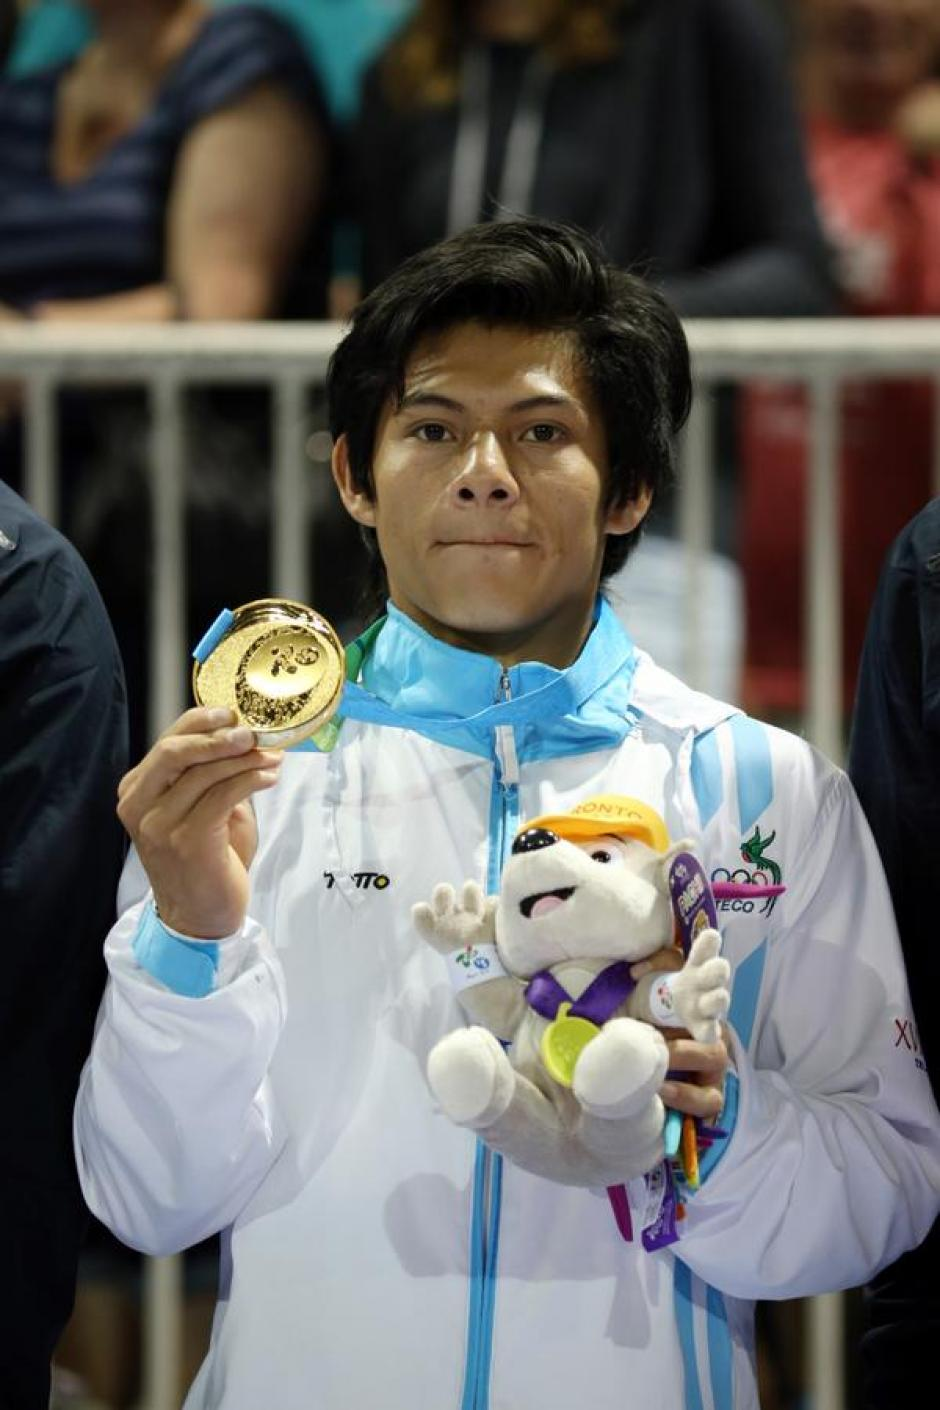 Una de las postales que deja este 2015; la medalla de oro del gimnasta Jorge Vega en los Juegos Panamericanos, de Toronto. (Foto: Archivo)